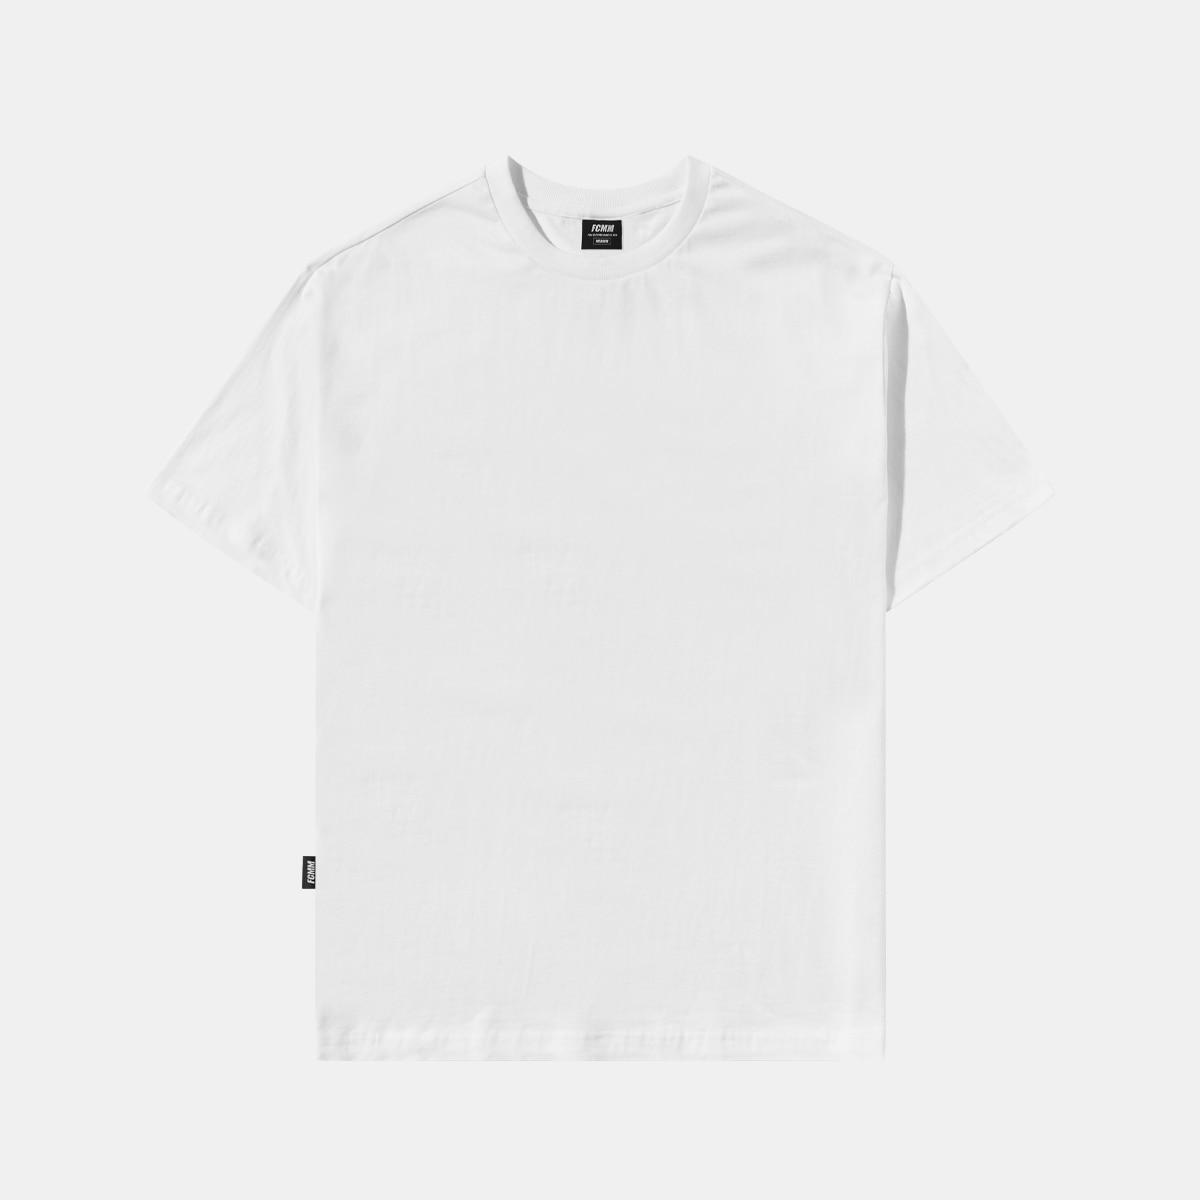 클럽 레이어드 티셔츠 - 화이트